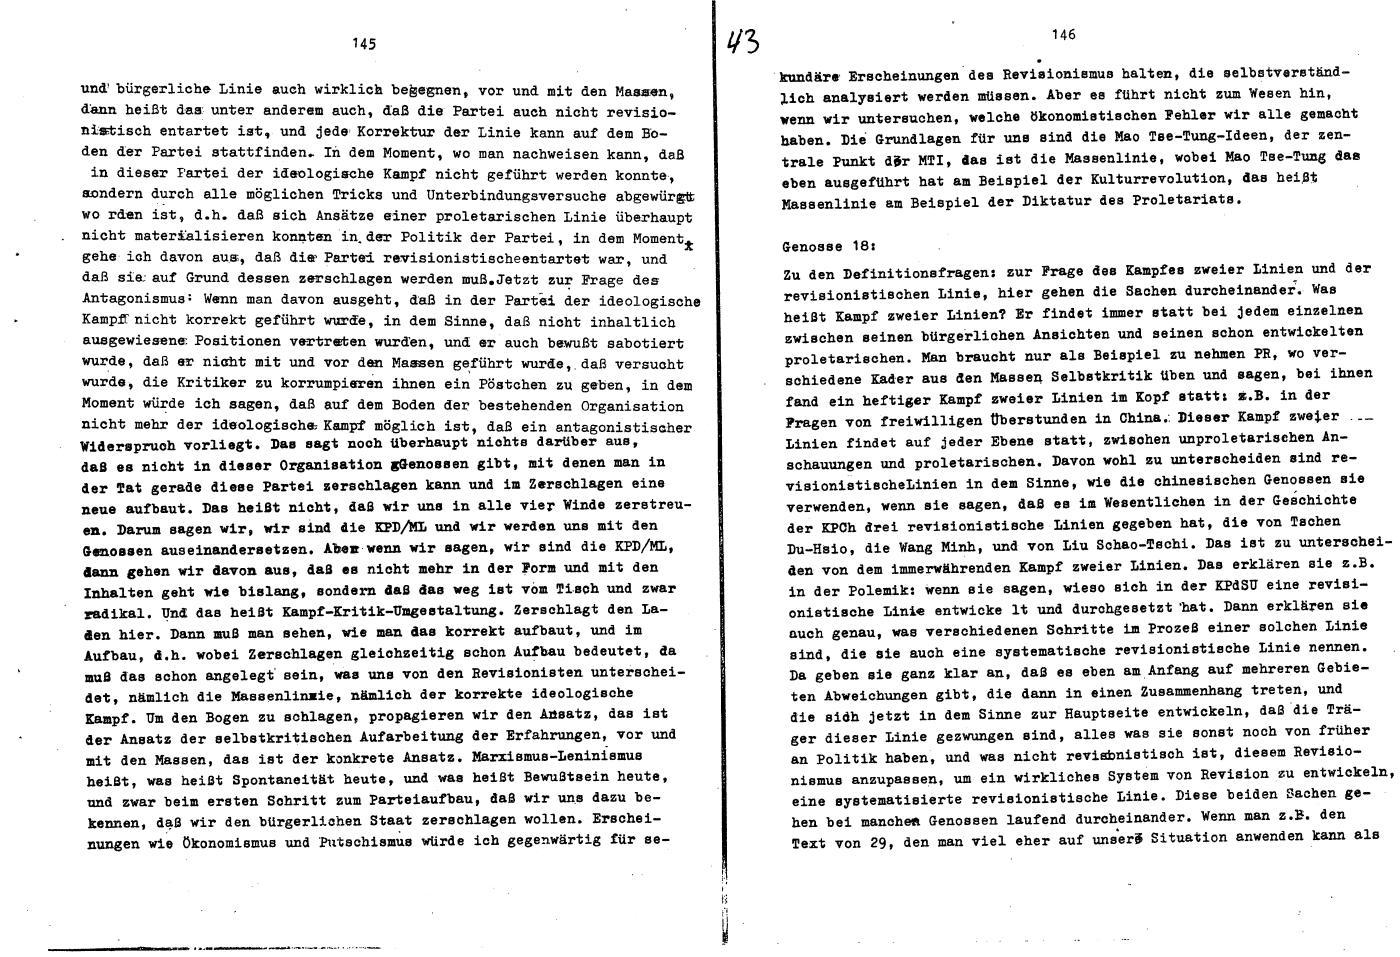 KPDML_1971_Wortprotokolle_aoPt_115